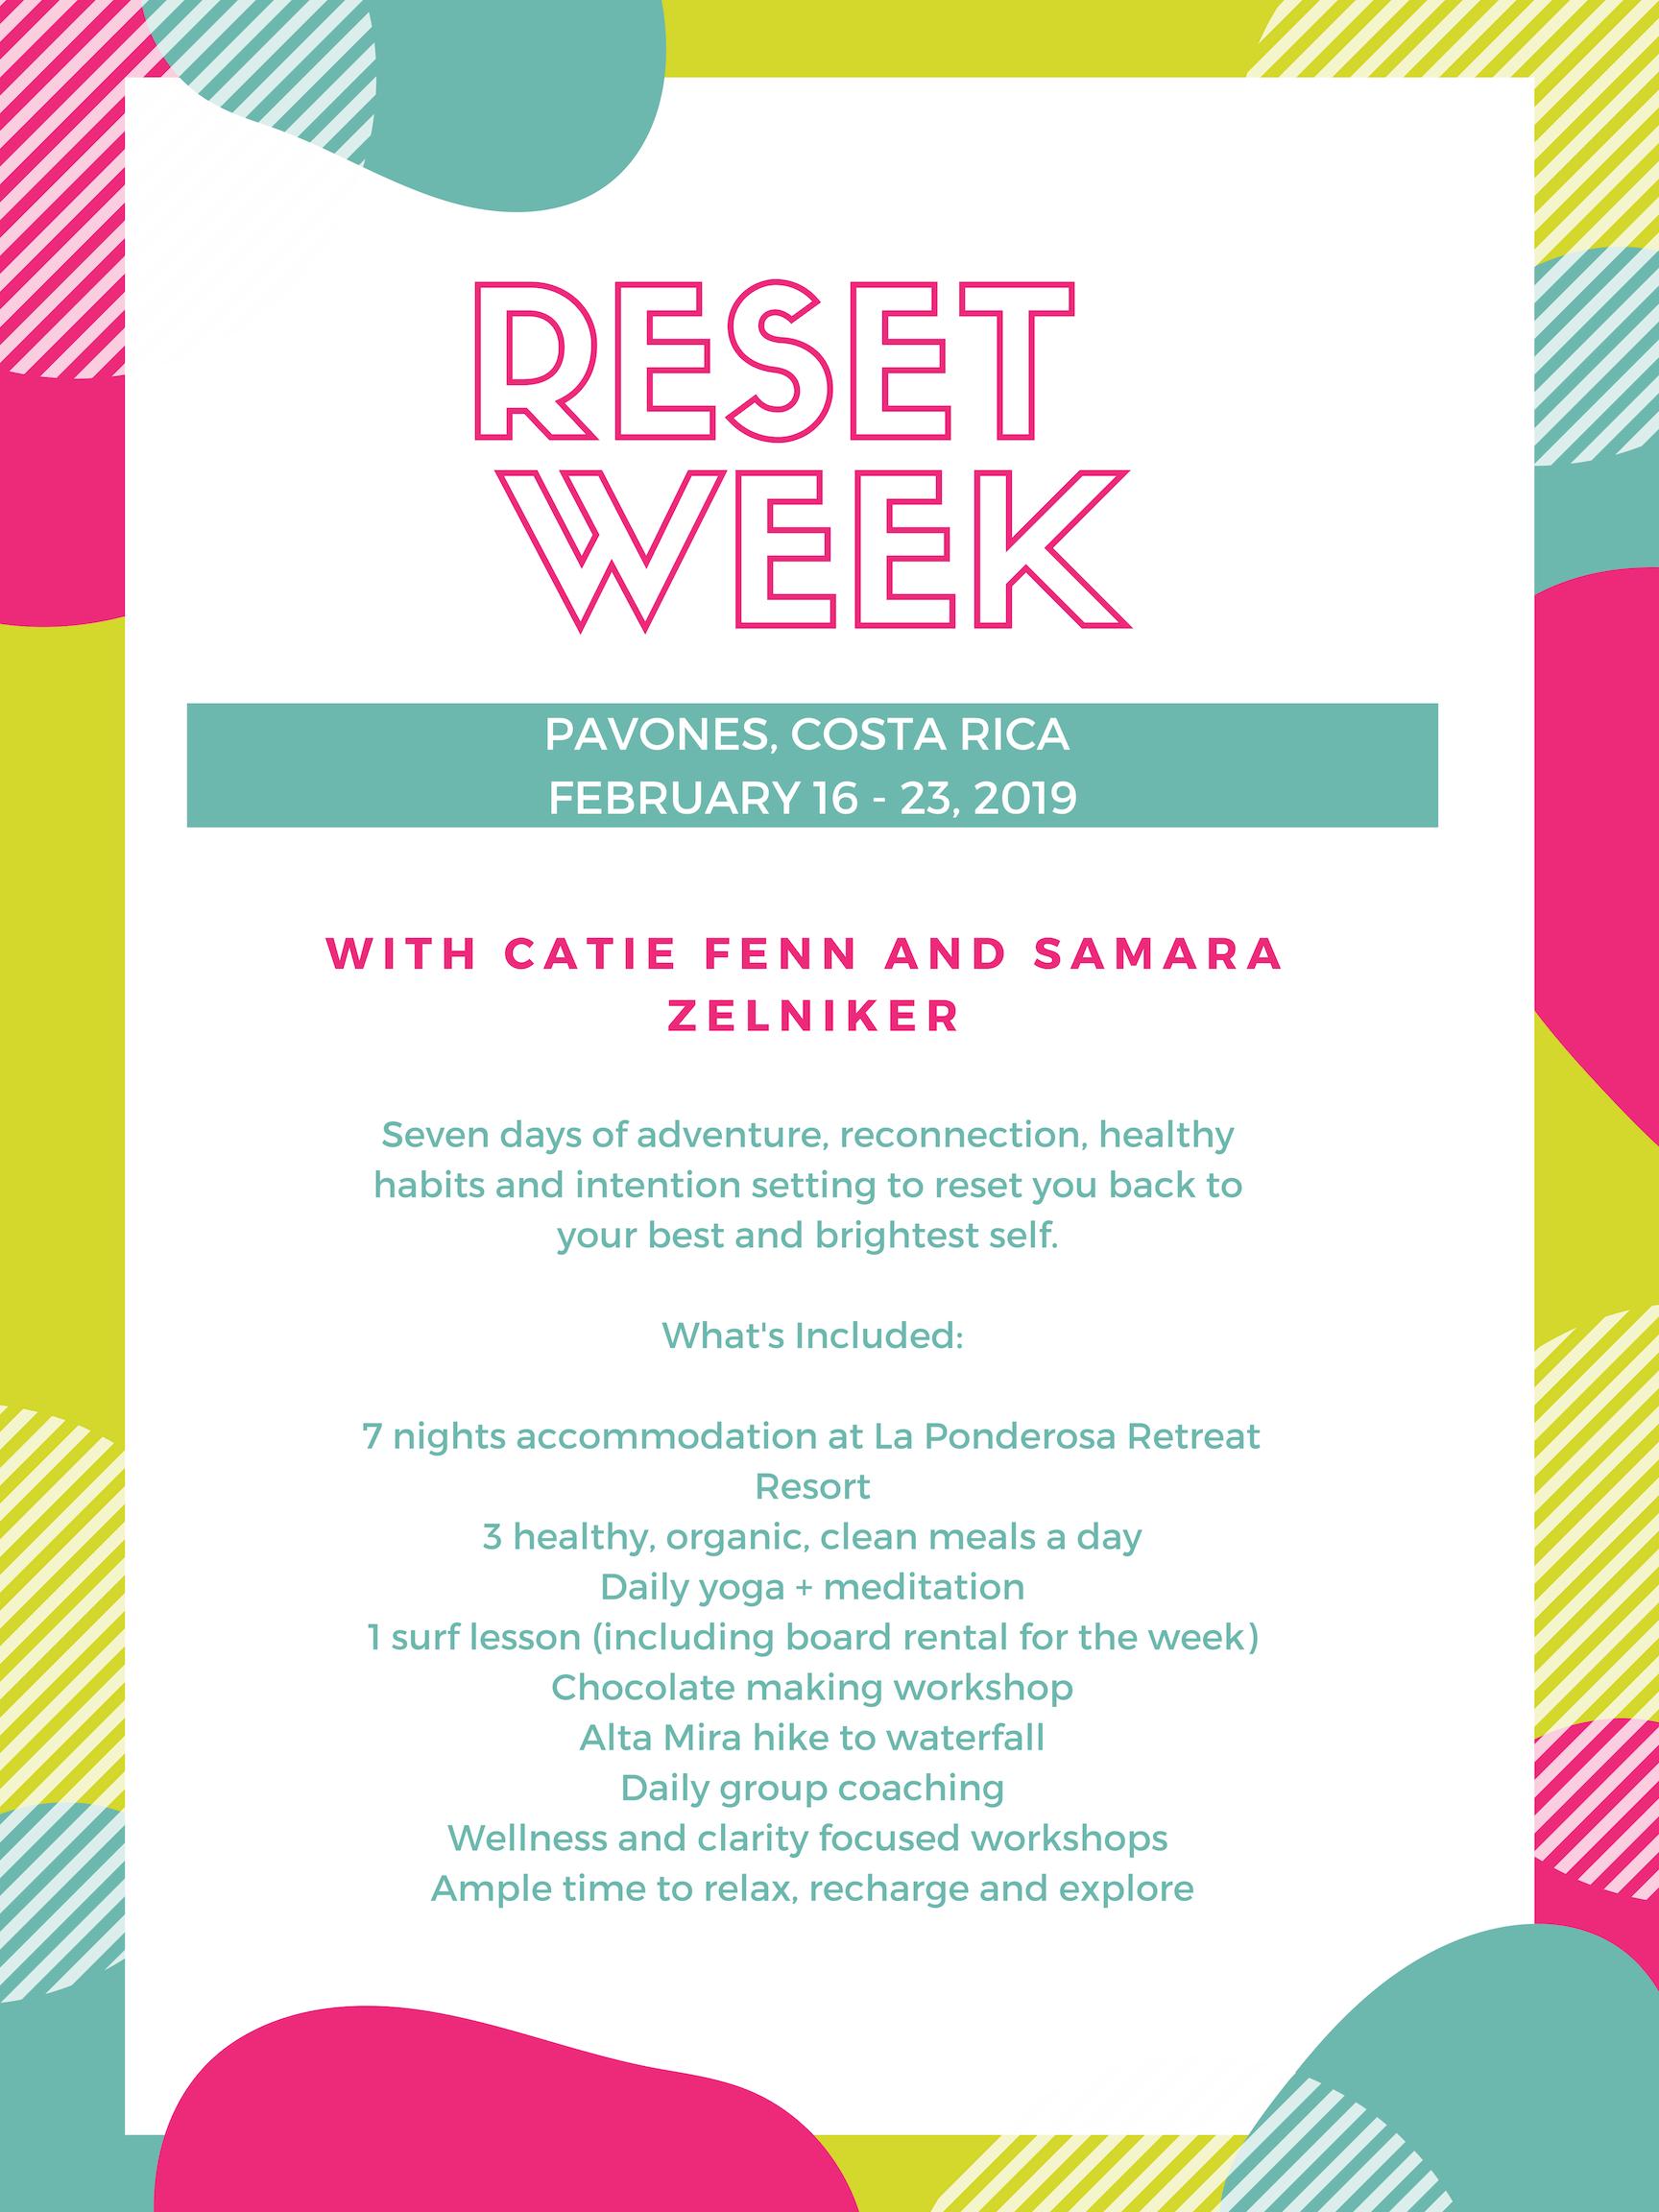 RESET WEEK (1).jpg